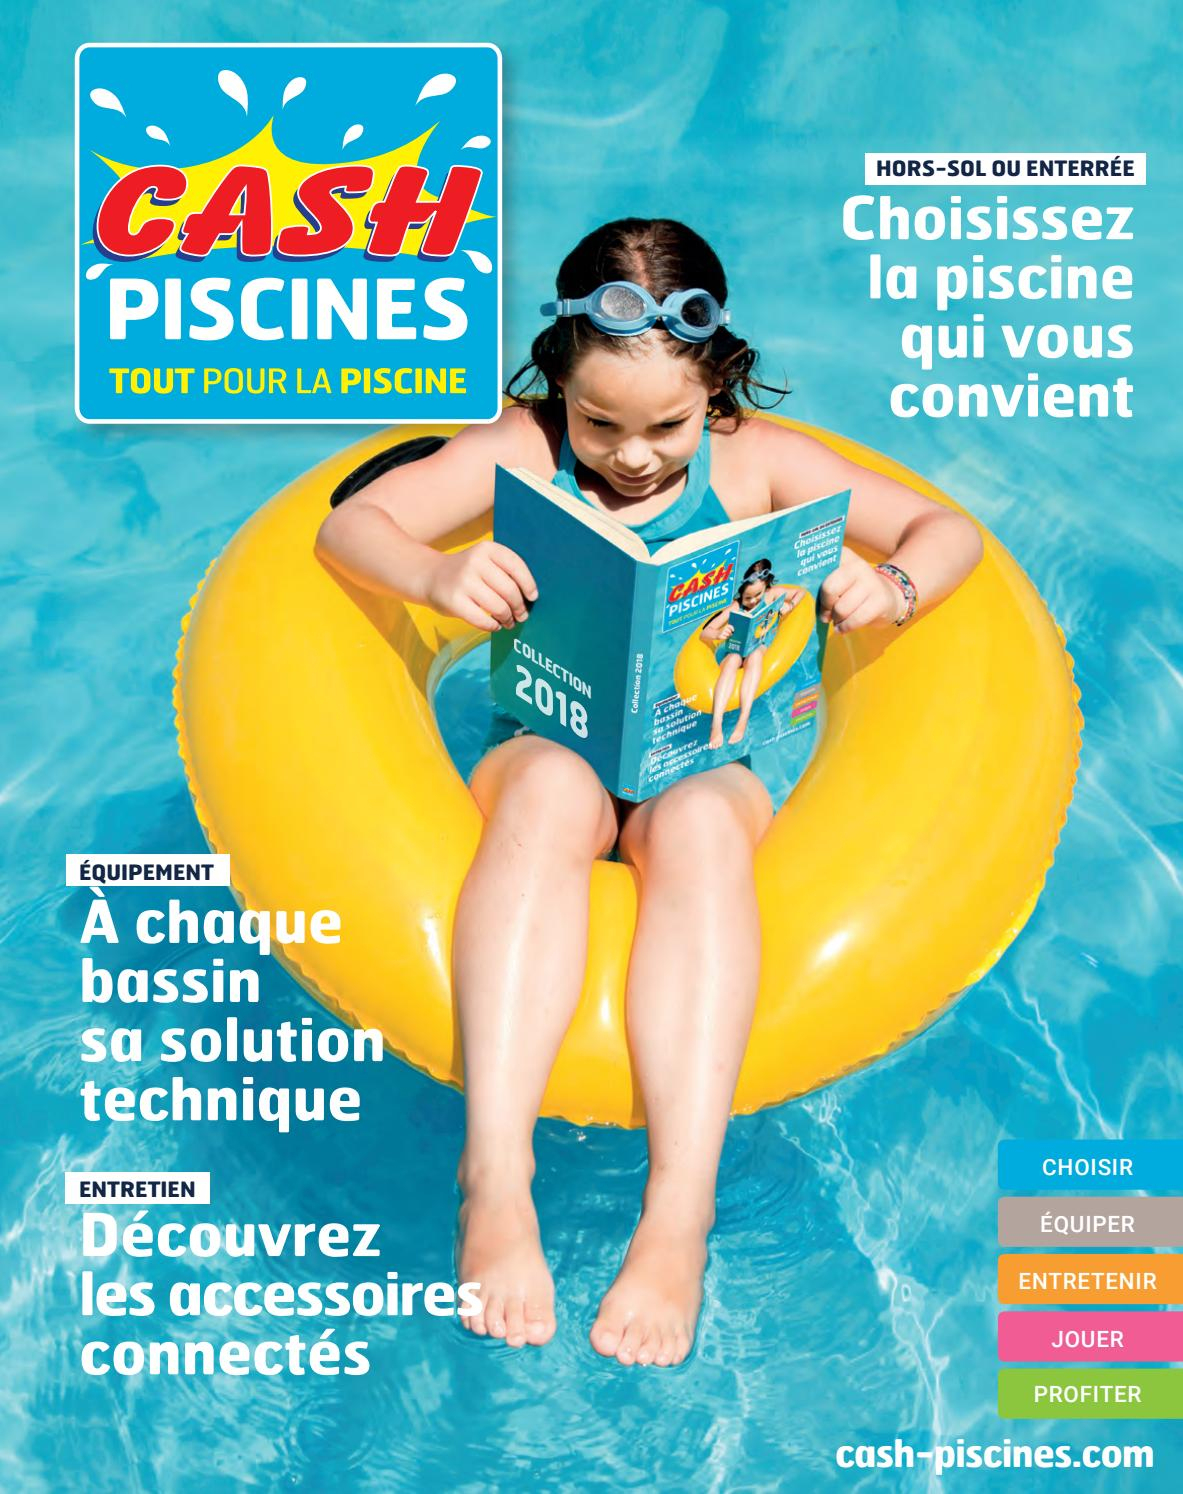 Catalogue Cash Piscine 2018 By Octave Octave - Issuu pour Cash Piscine Bourgoin